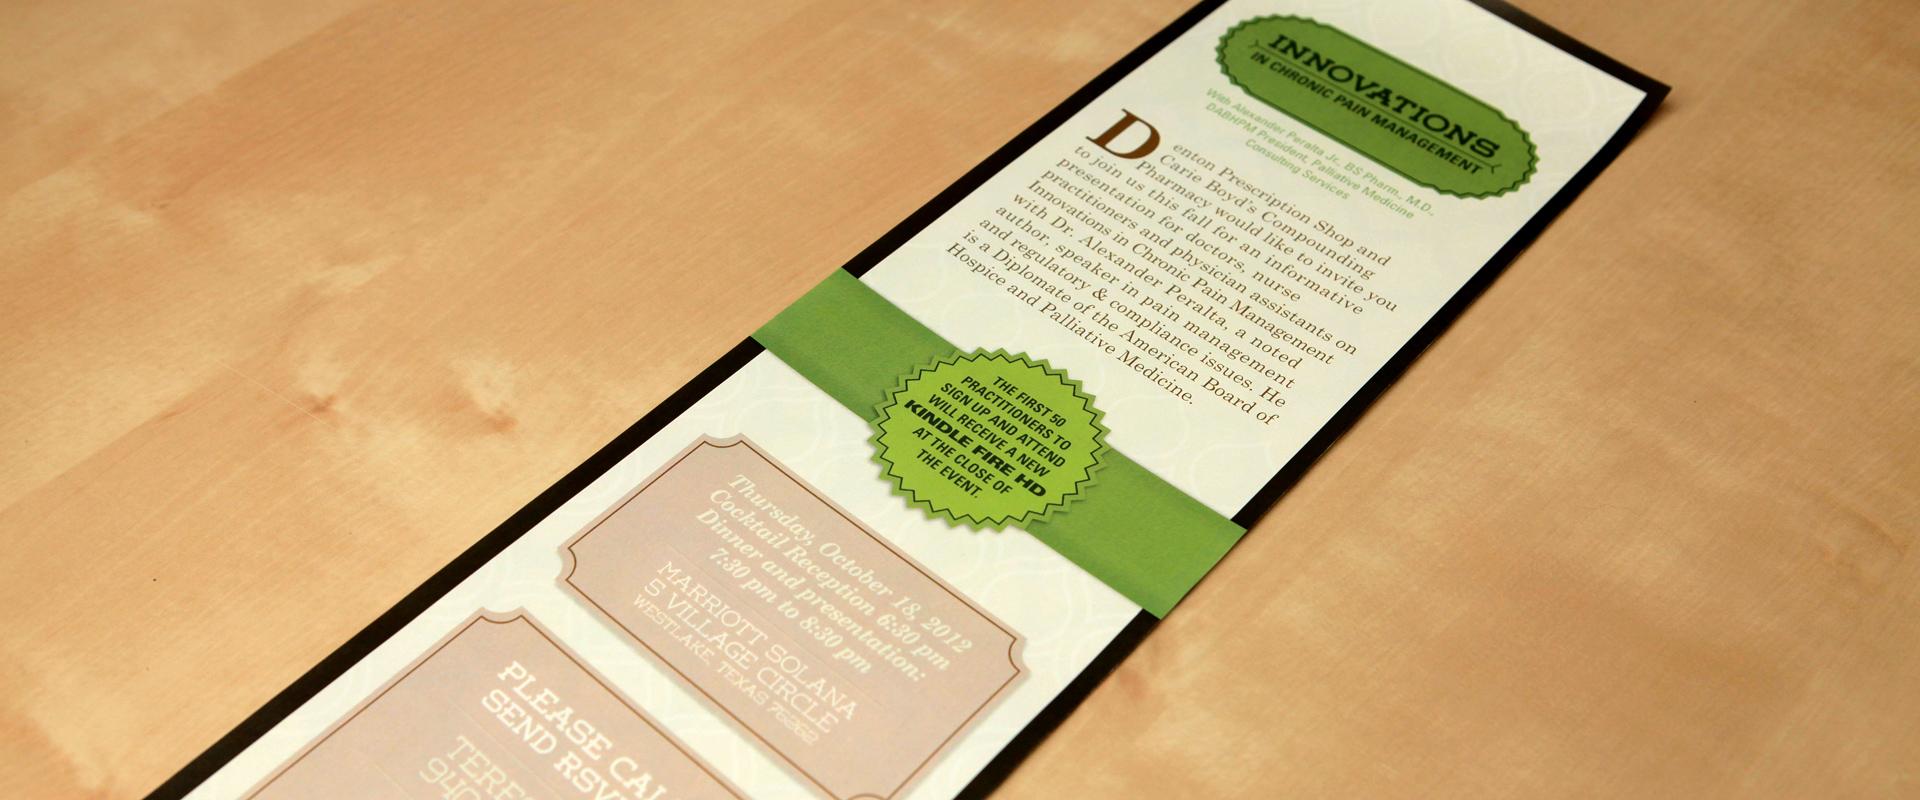 Invitation design alternative for Denton Prescription Shop event